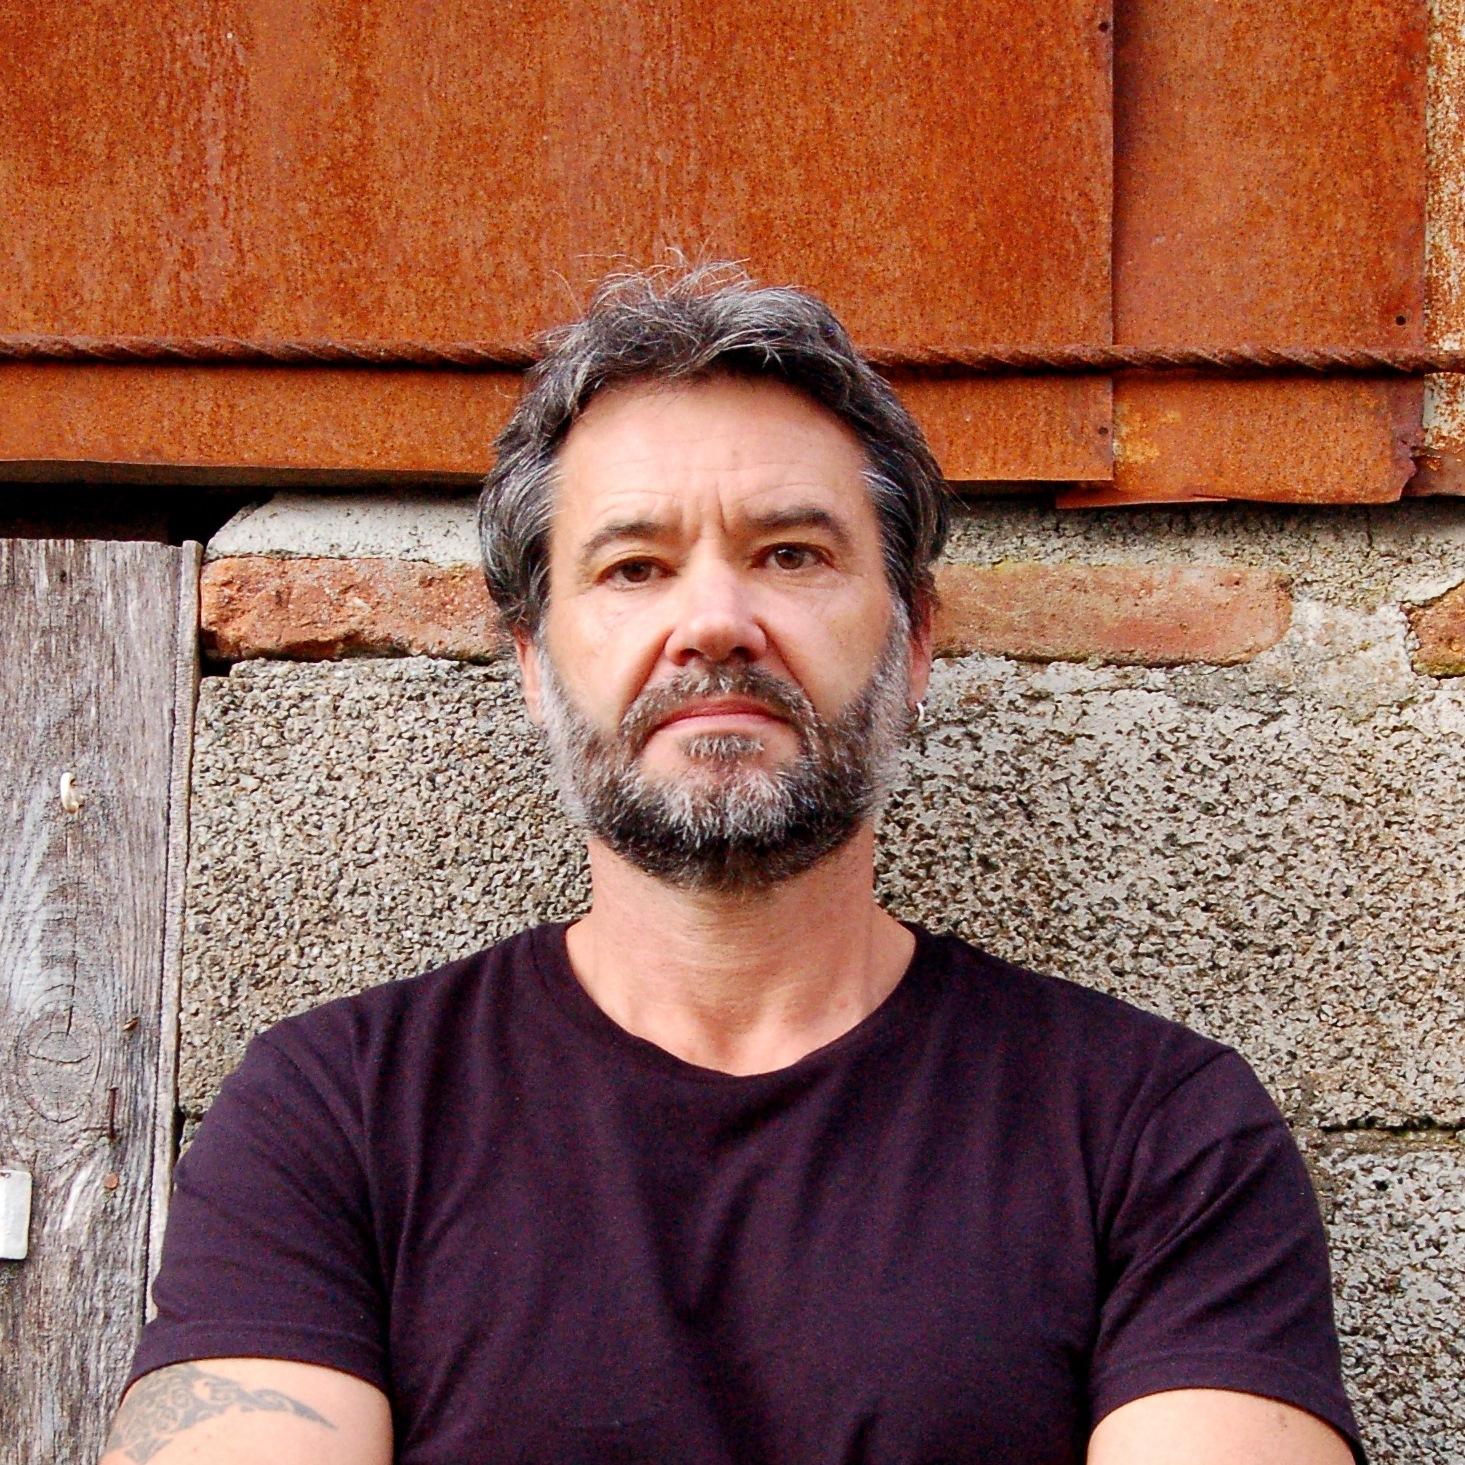 Portrait de Franck BOUYSSE - auteur présent au Salon du Livre de Royat-Chamalières 2019